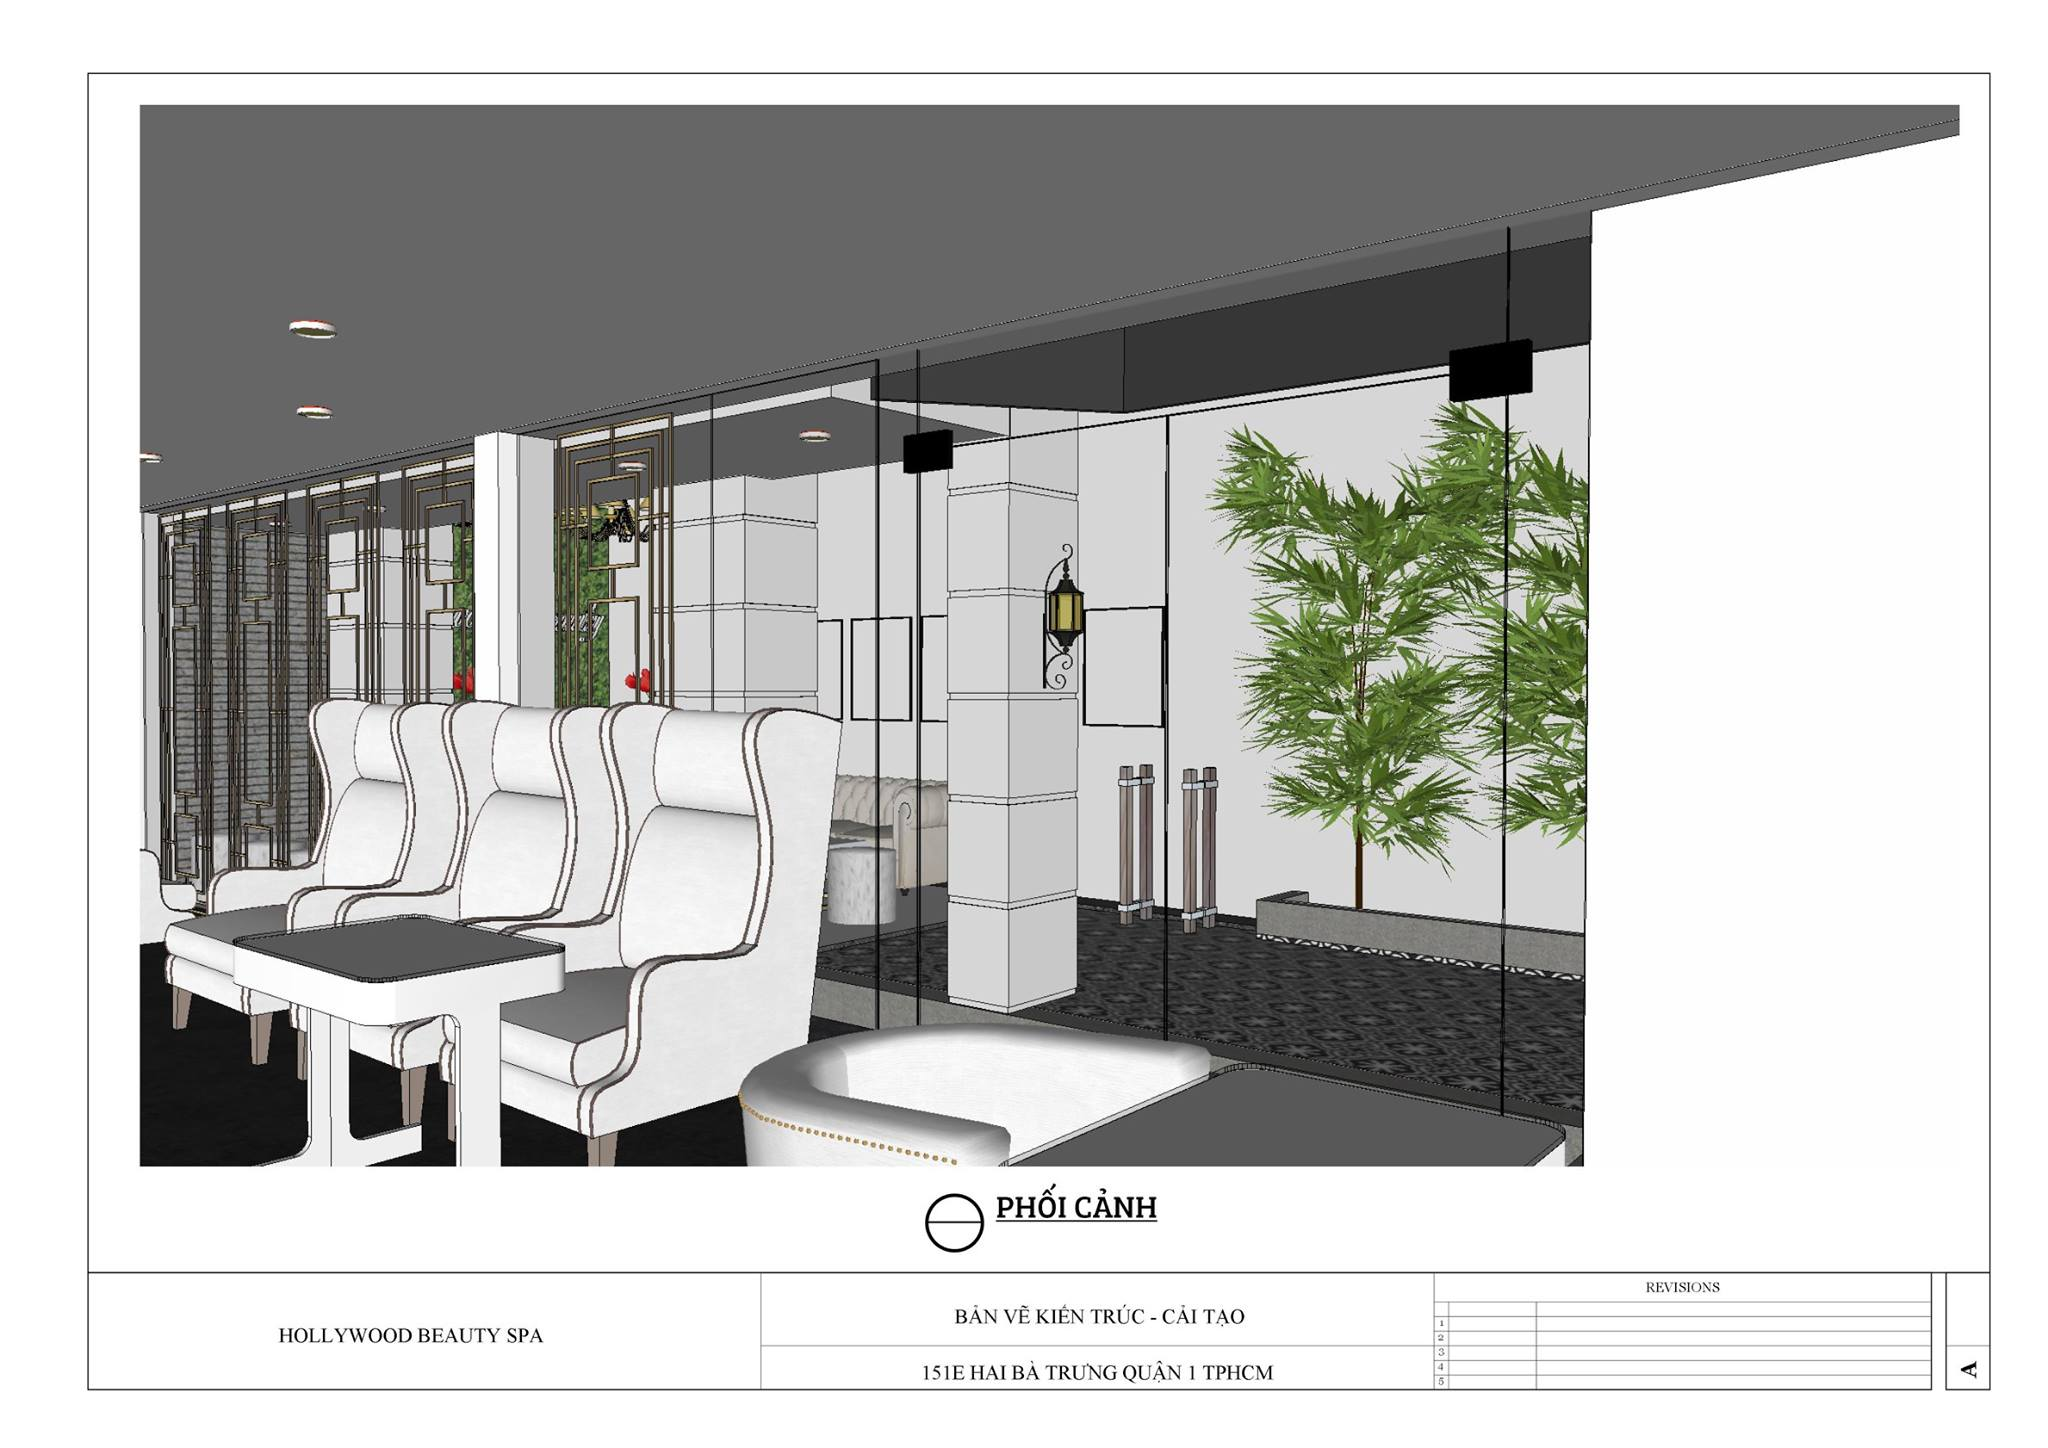 thiết kế nội thất Spa tại Hồ Chí Minh CẢI TẠO SPA - 06.2017 20 1534236534